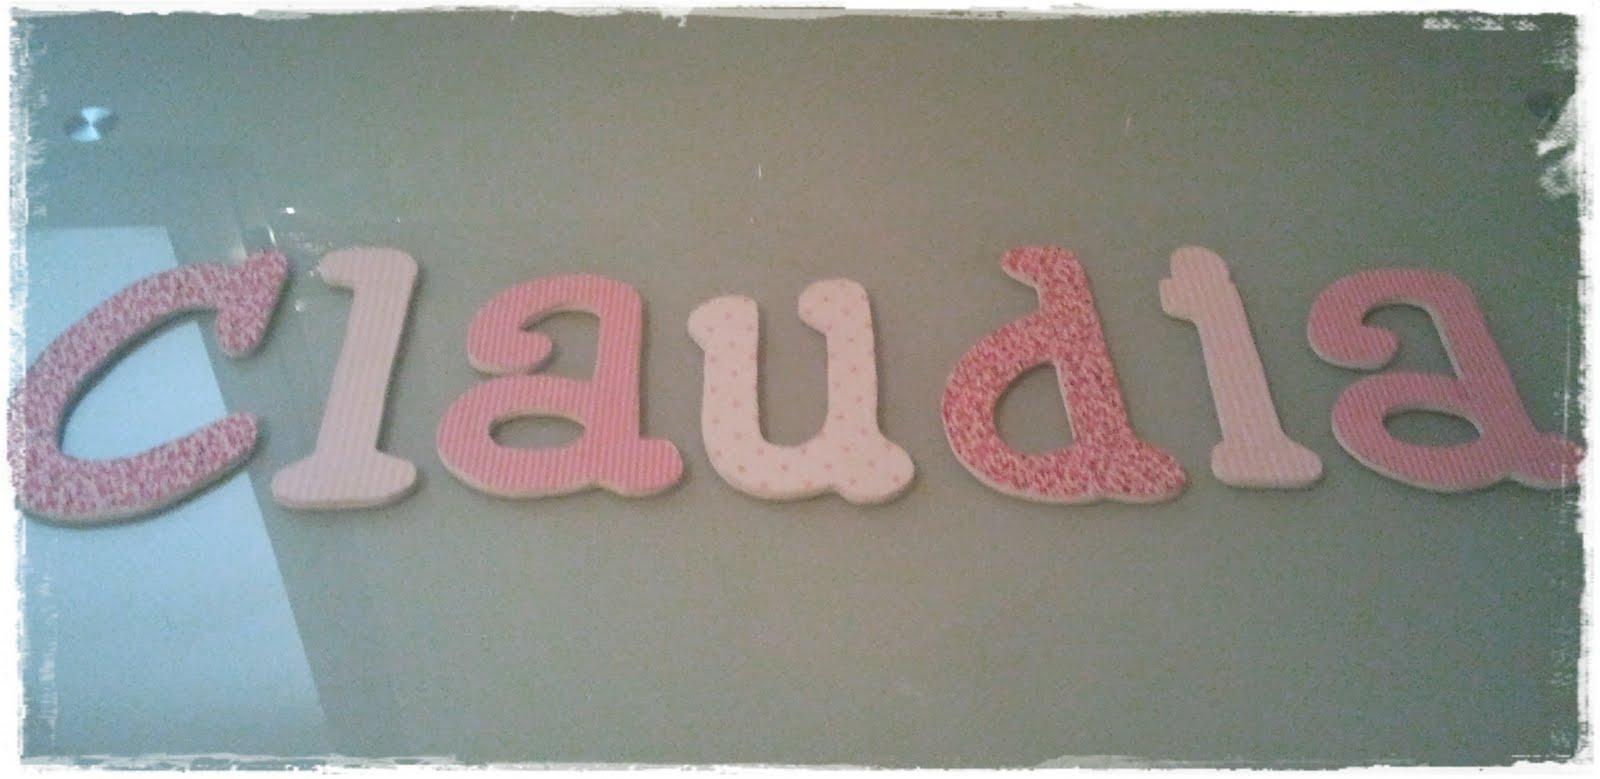 Qu de cucadas letras de pared para claudia - Letras para pared ...